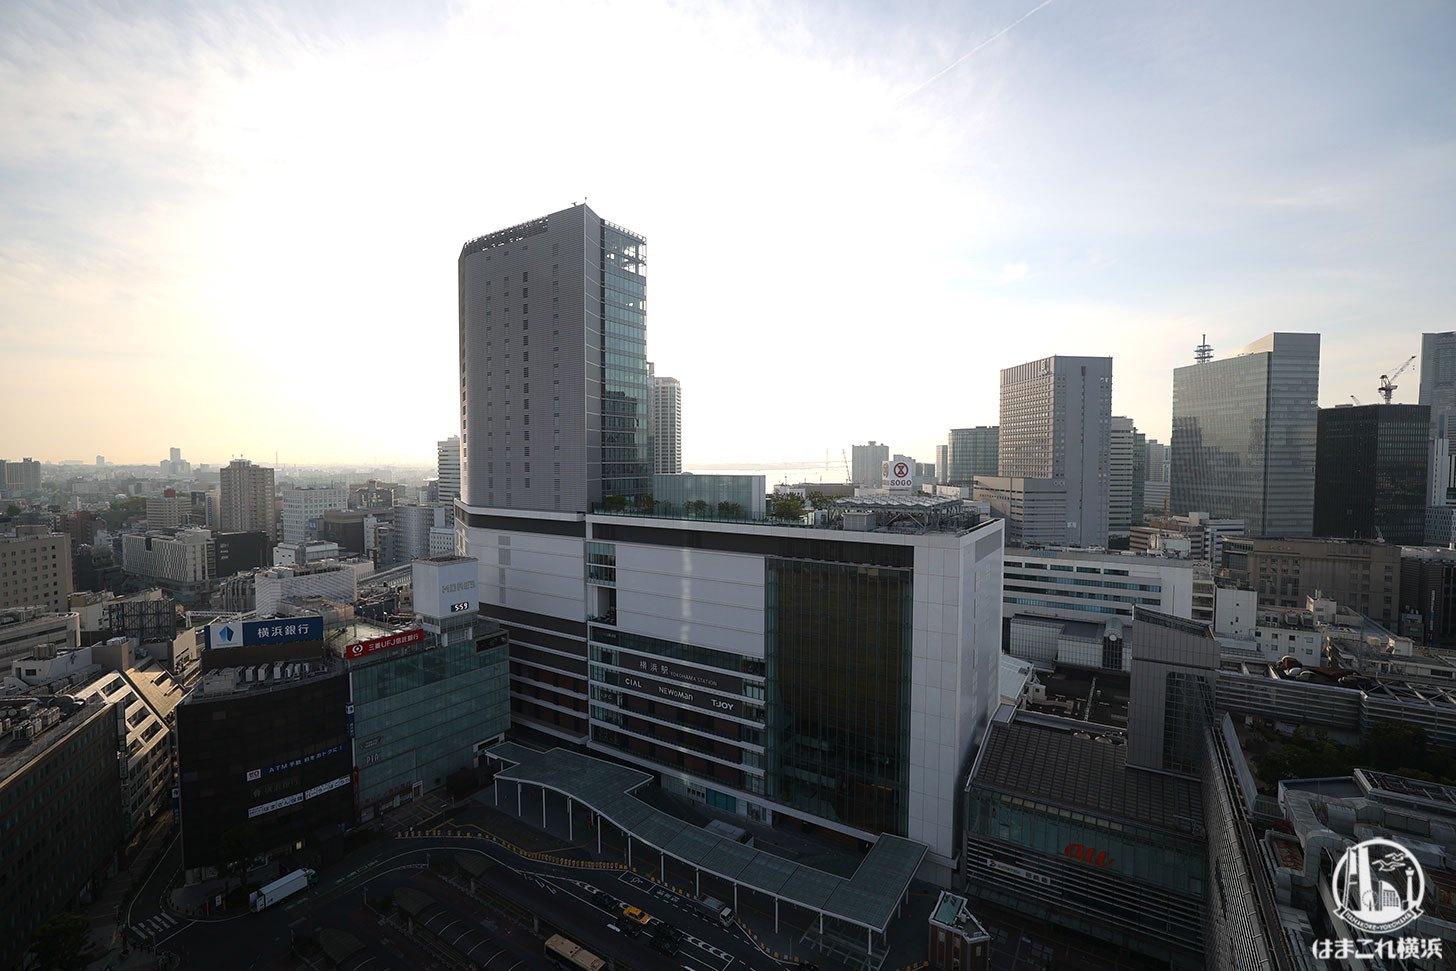 ラグジュアリーフロア「デラックスルーム」から見た夜明けの横浜駅